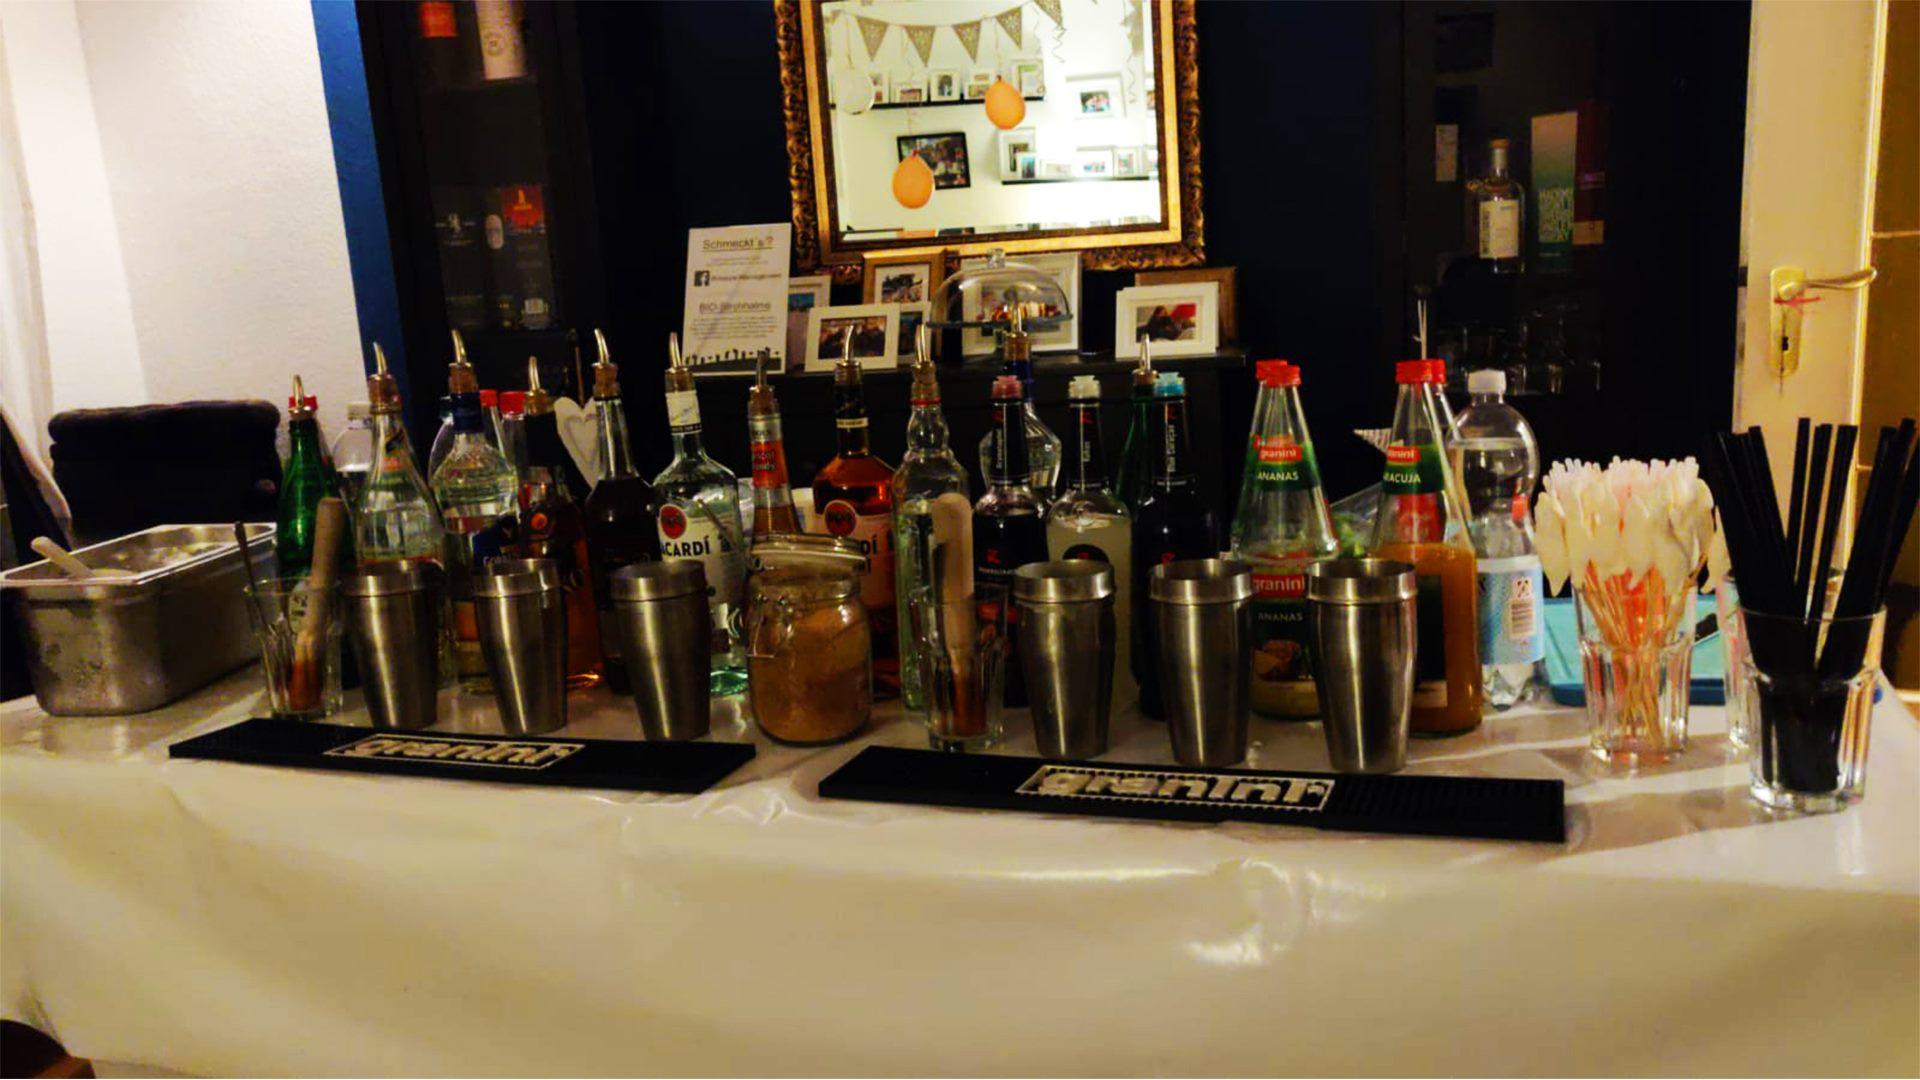 Cocktails Knepper - Cocktailkurs in NRW - Das Wohnzimmer als Kursraum!